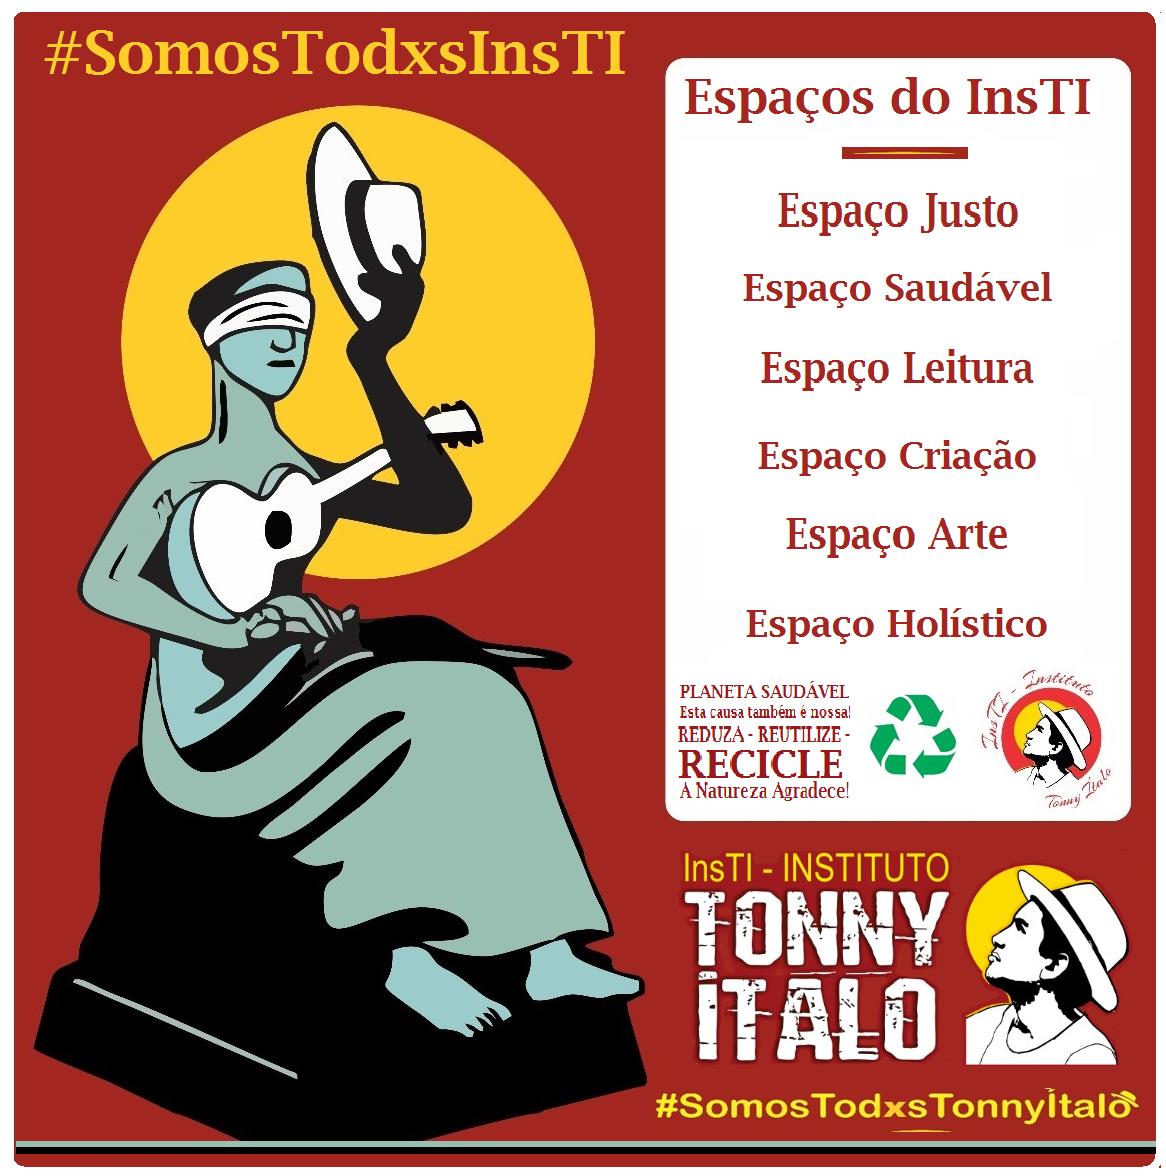 Nota Oficial do InsTI - Instituto Tonny Ítalo à Sociedade